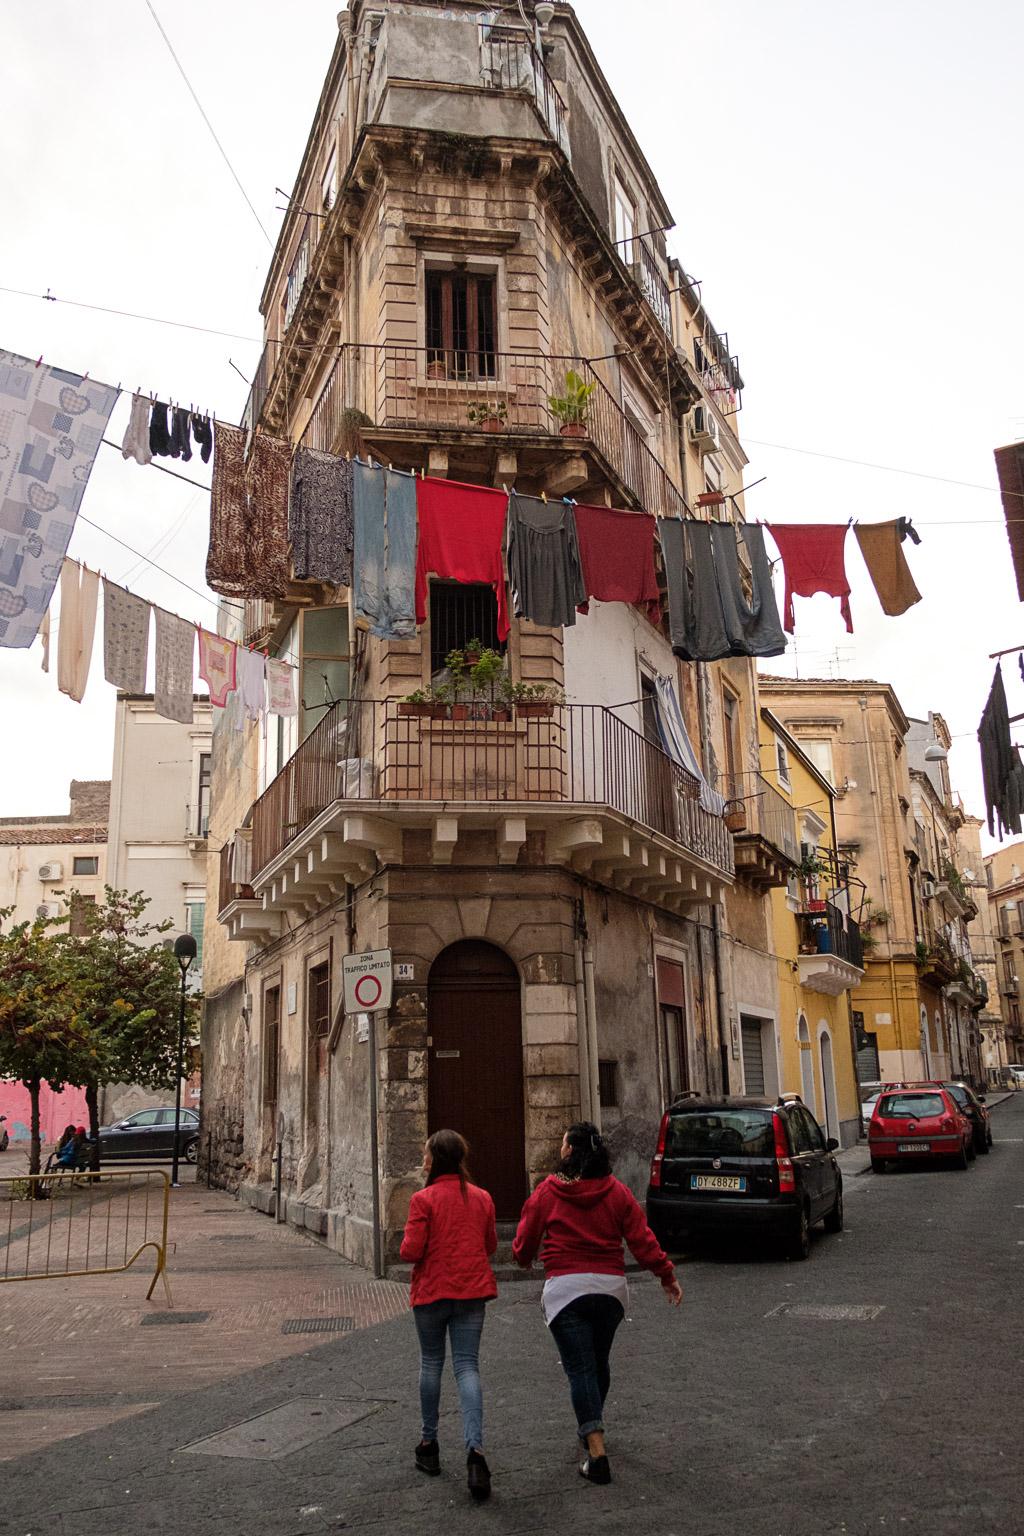 Sizilien - Catania - Italien - Geschichten von unterwegs - Italia-159